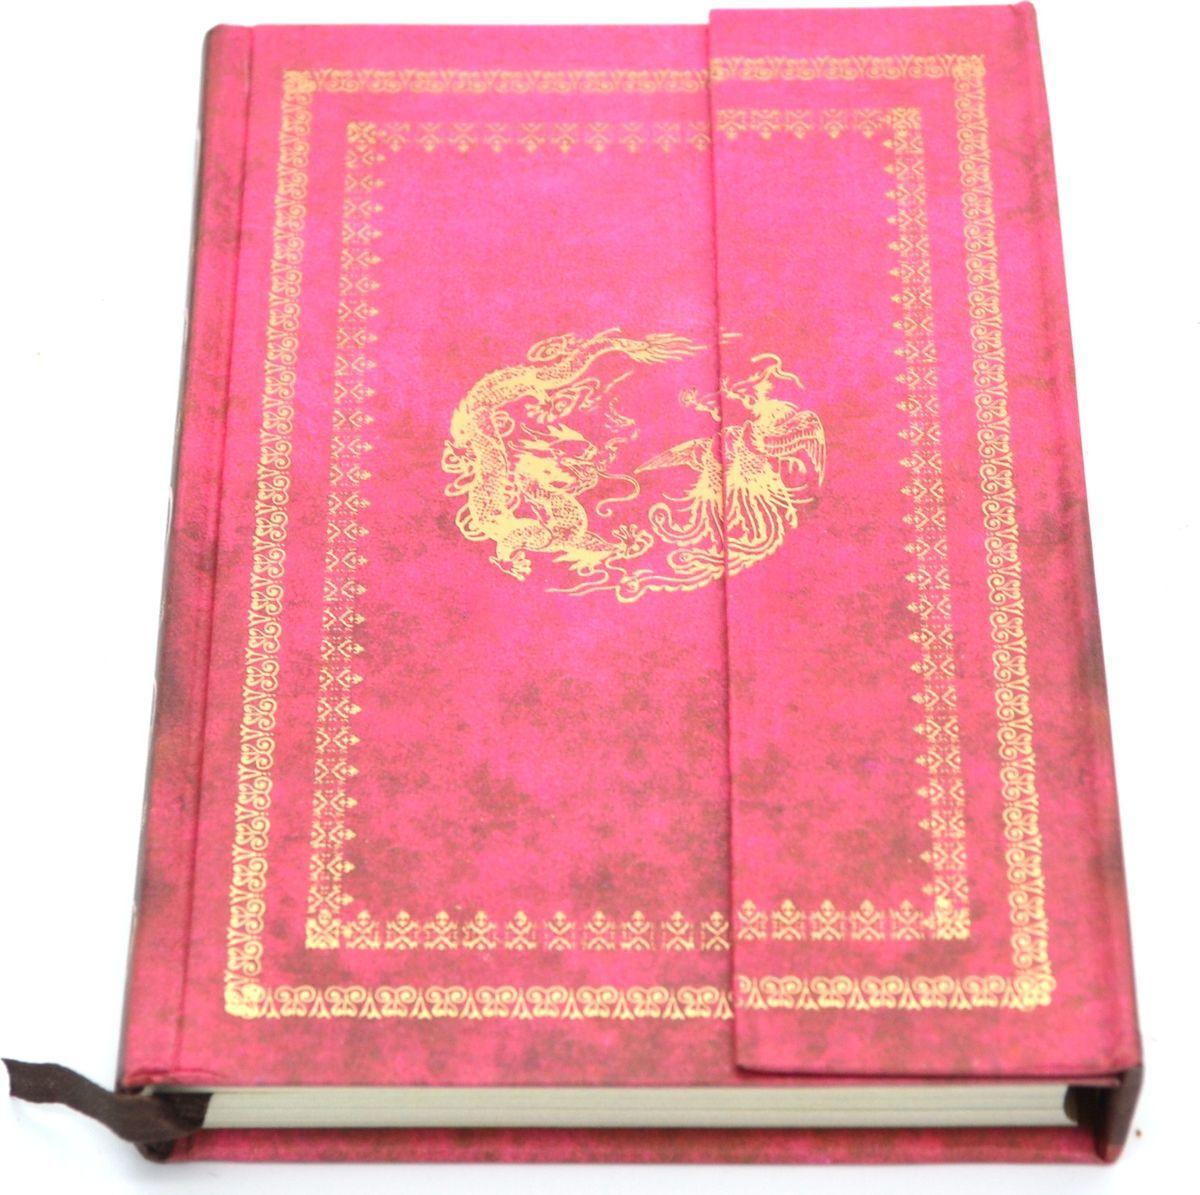 Карамба Блокнот на магните 98 листов цвет розовый2931Стильный блокнот Карамба с жесткой обложкой - незаменимый атрибут современного человека, необходимый для рабочих и повседневных записей в офисе и дома. Магнитная застежка. 98 цветных листов с нежным рисунком.